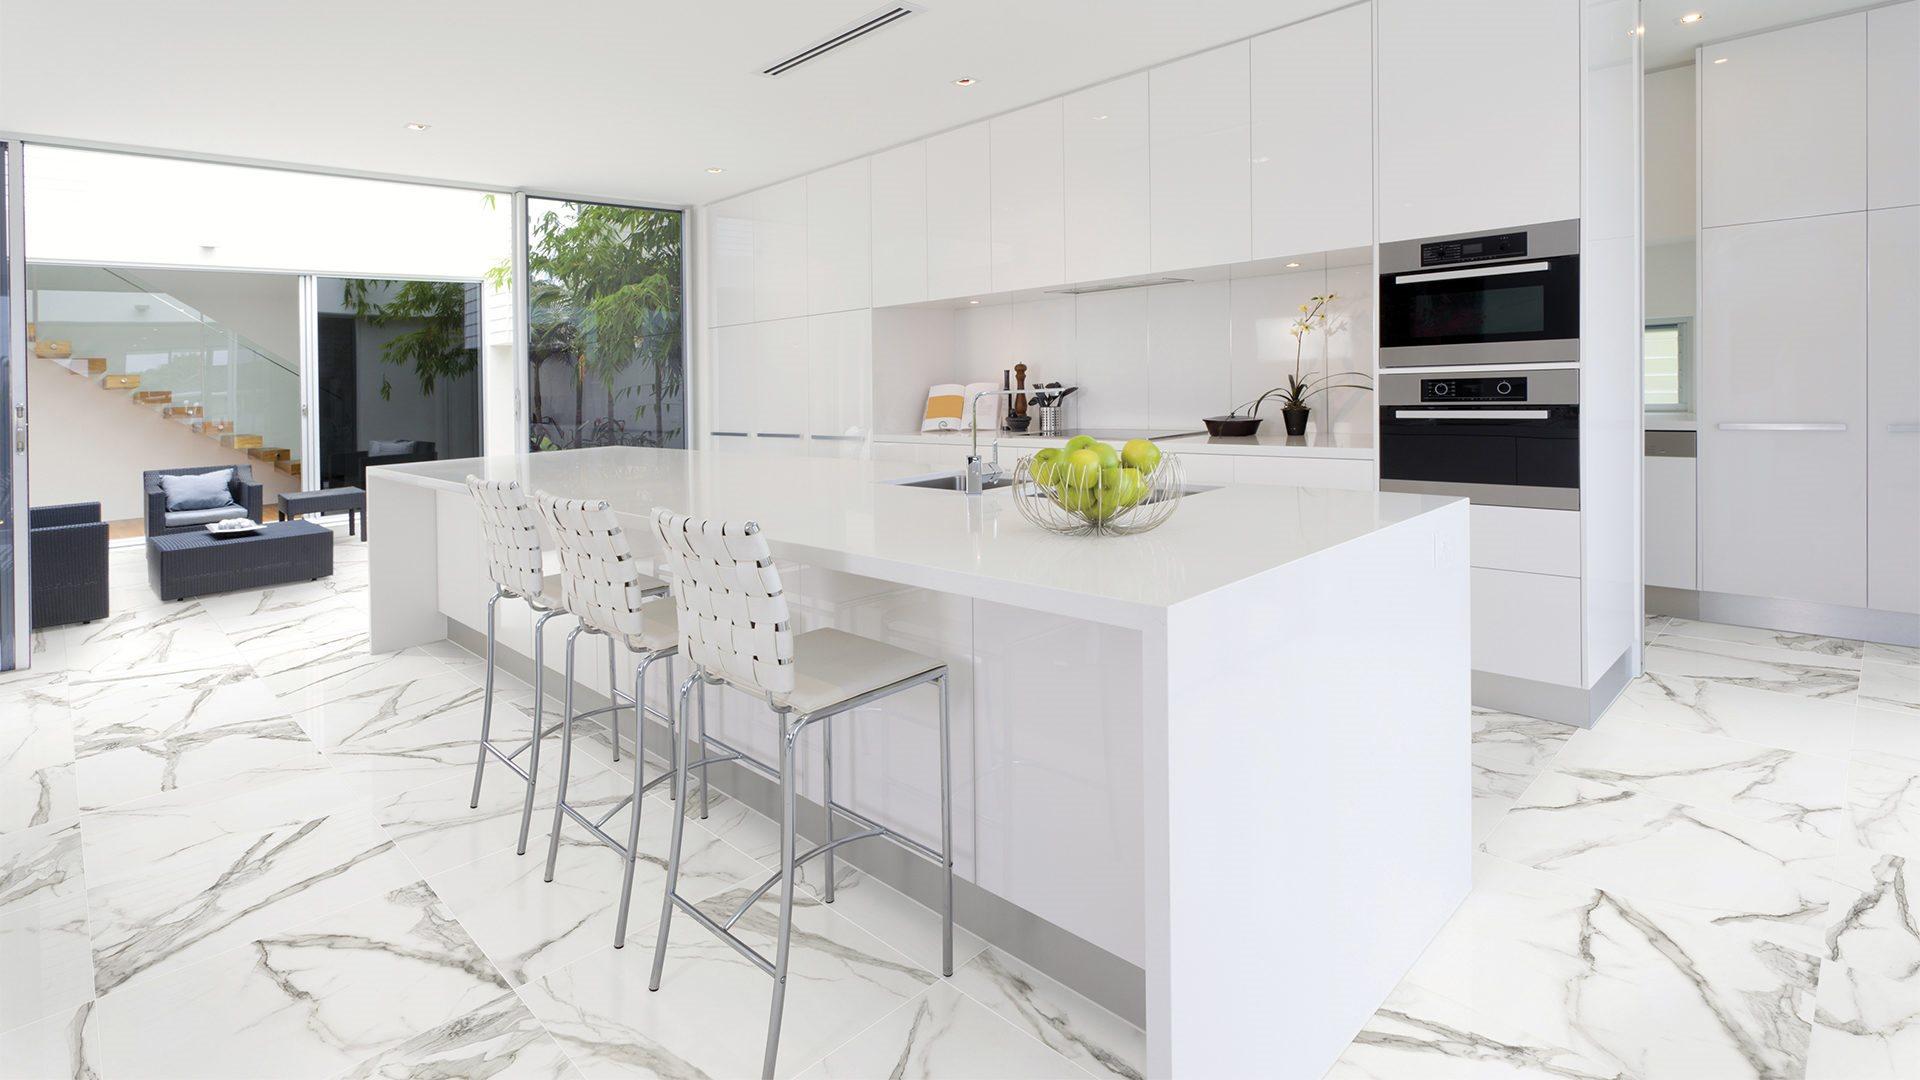 tuile imitation marbre cuisine serie Statuario